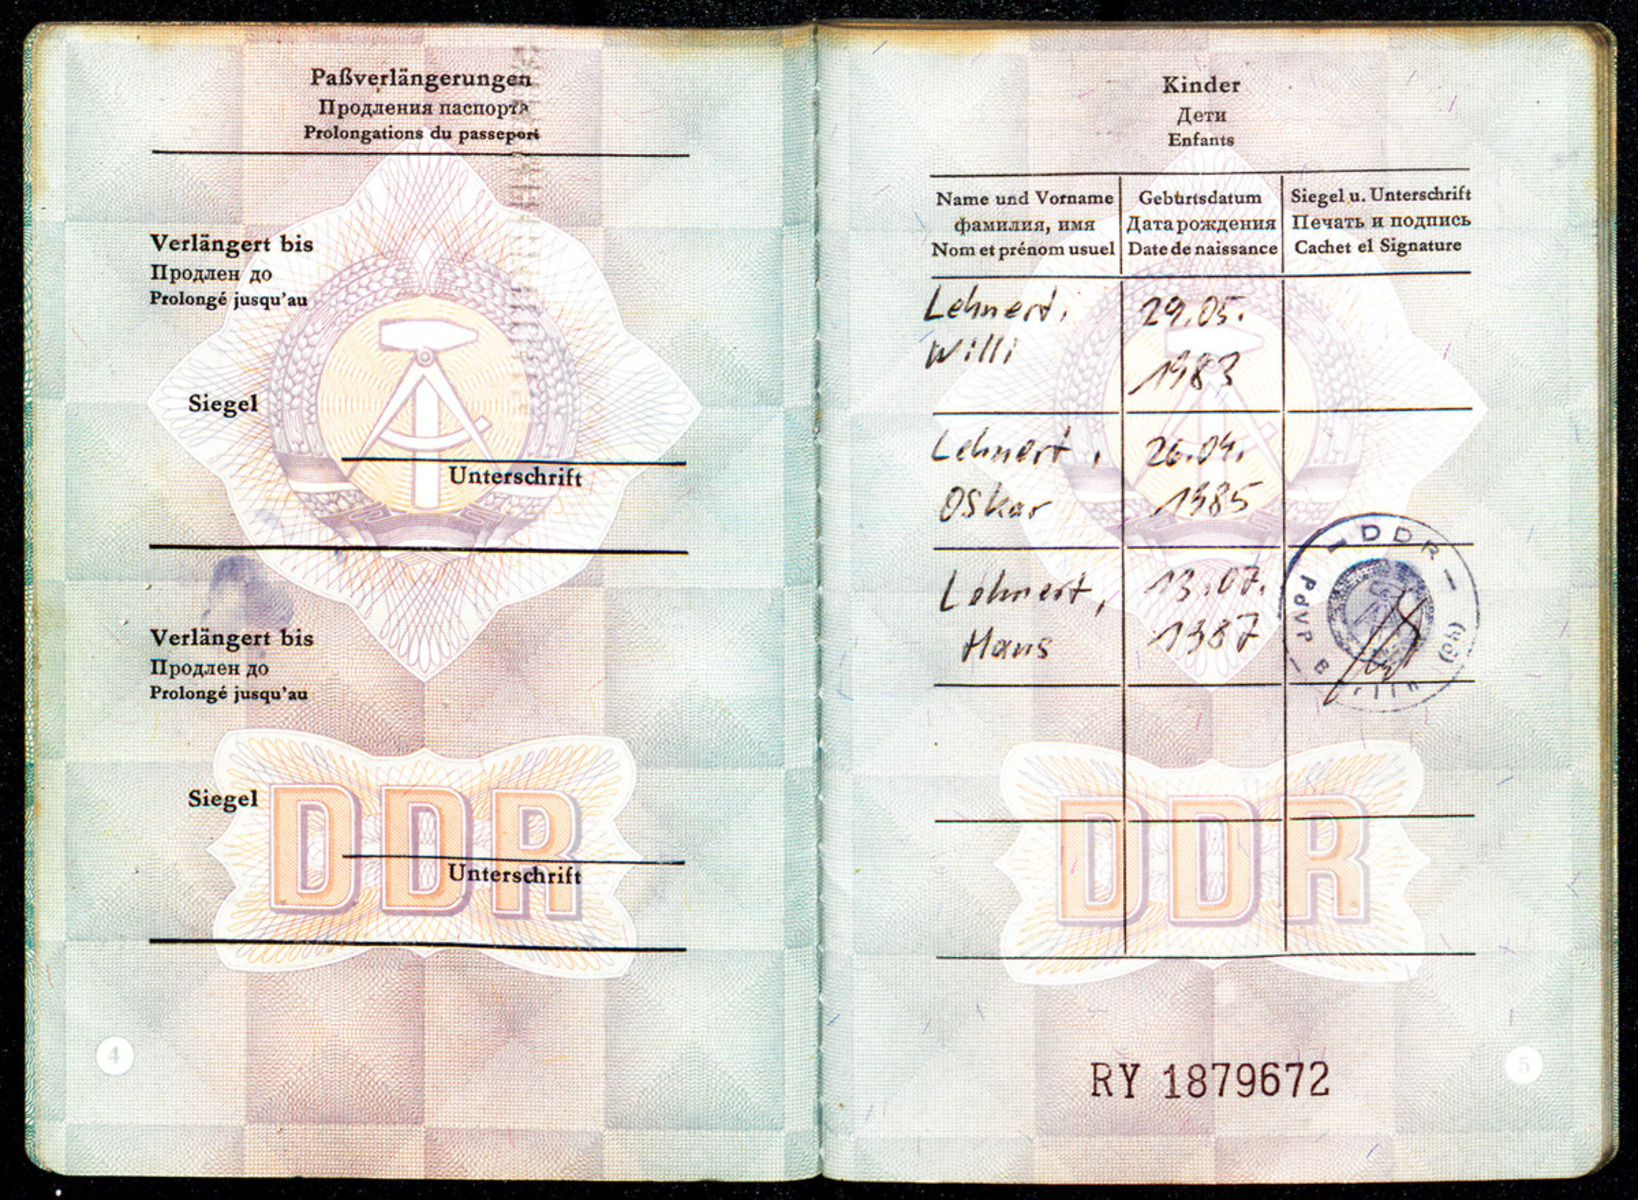 cd01-010-g99-m101_0002.jpg